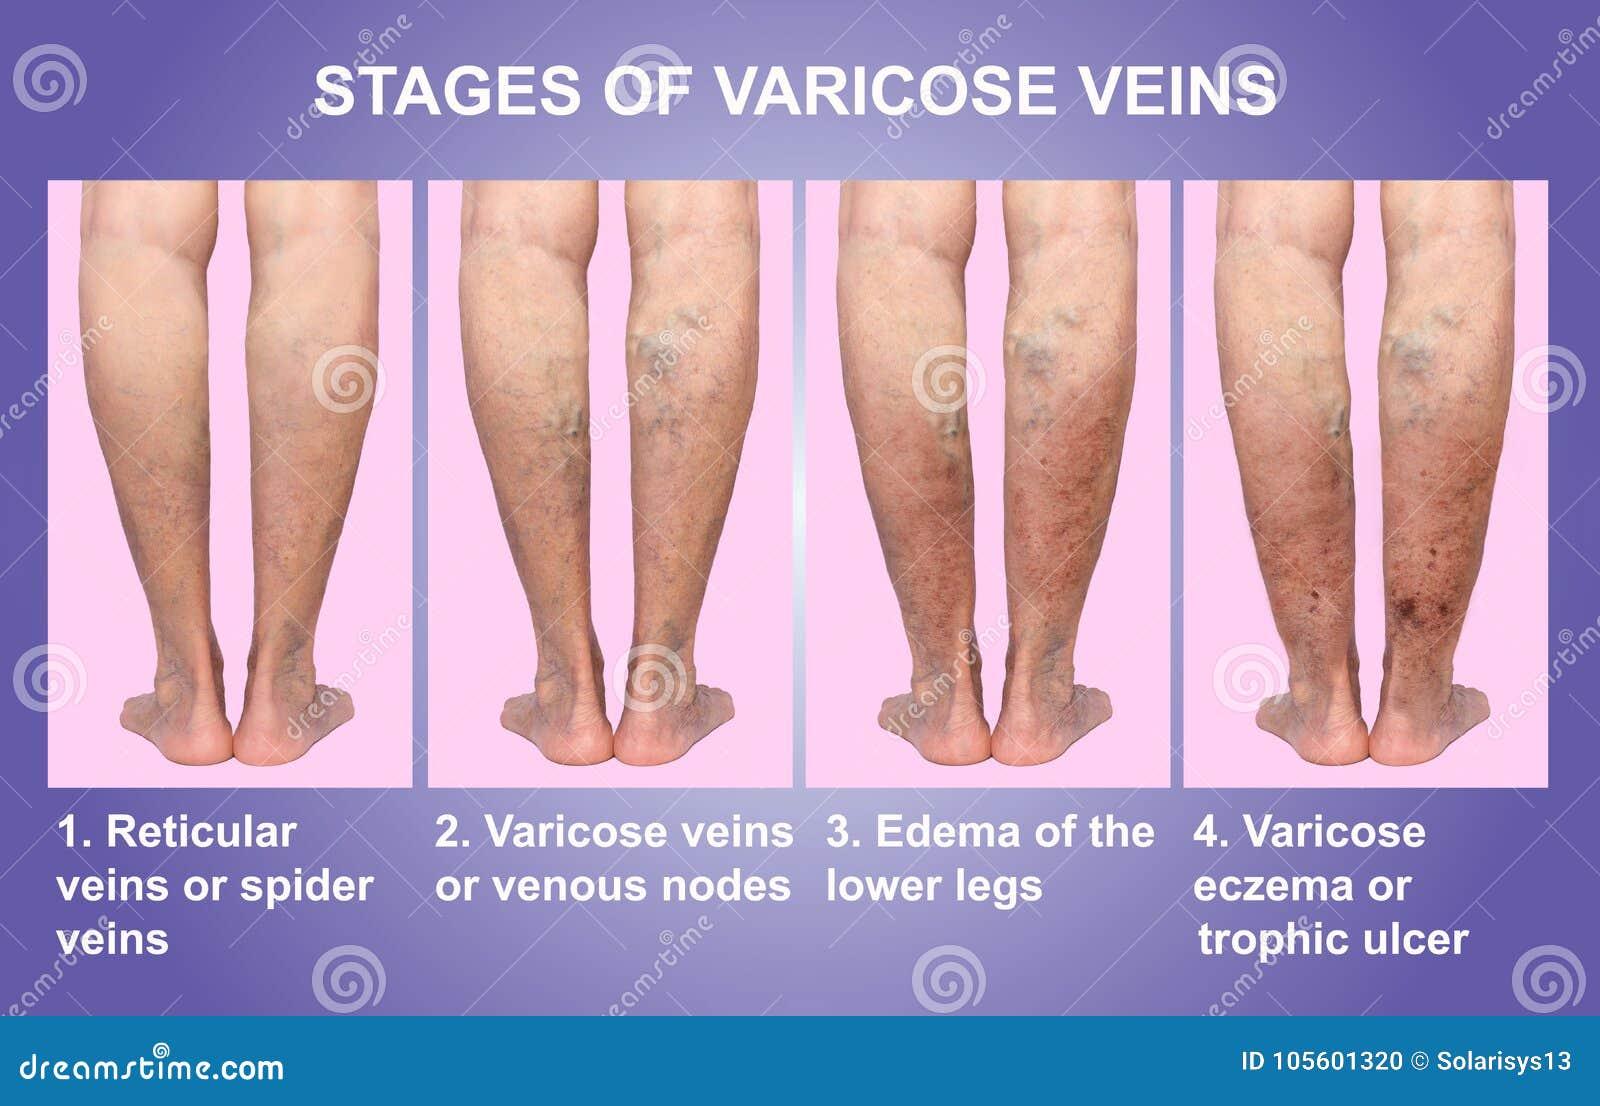 durerea picioarelor varicoselor